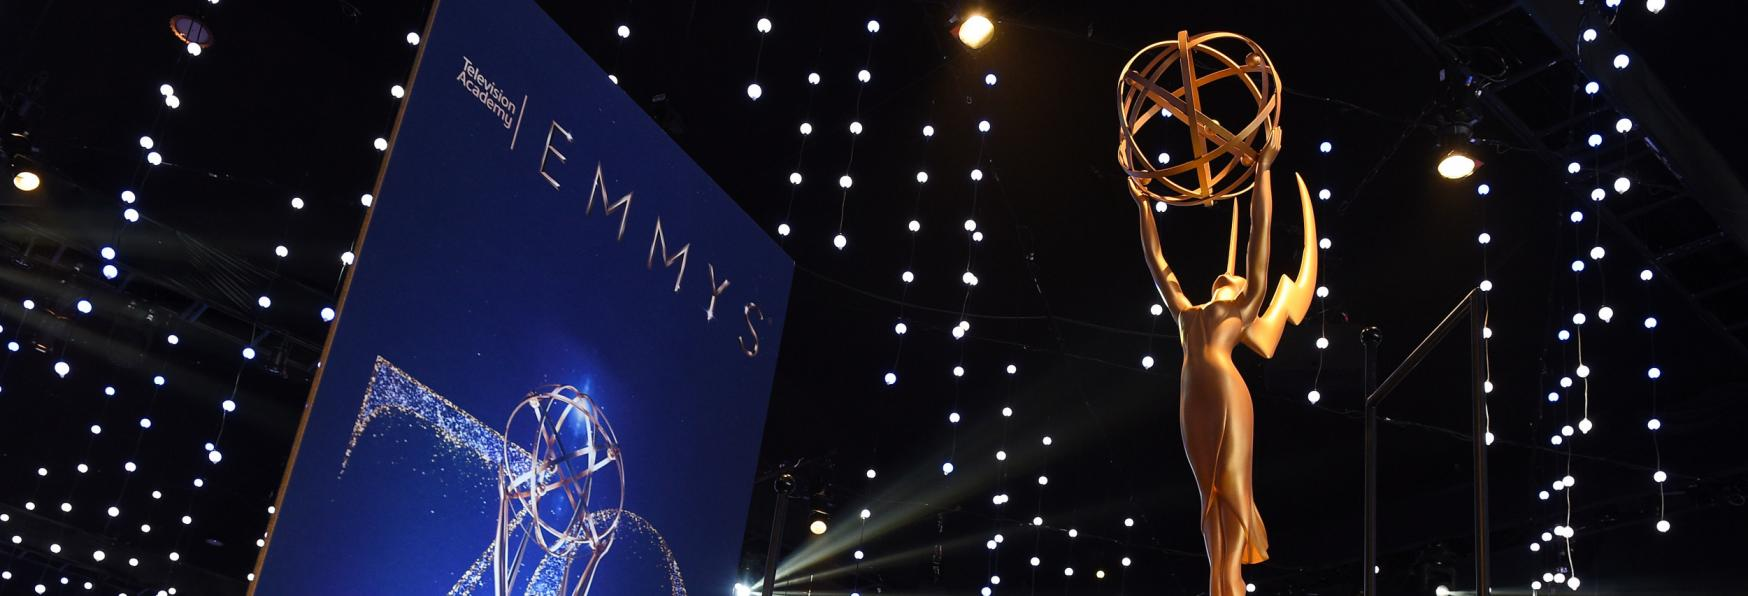 Netflix straccia HBO agli Emmy 2020. Ecco le Nomination di questo Anno